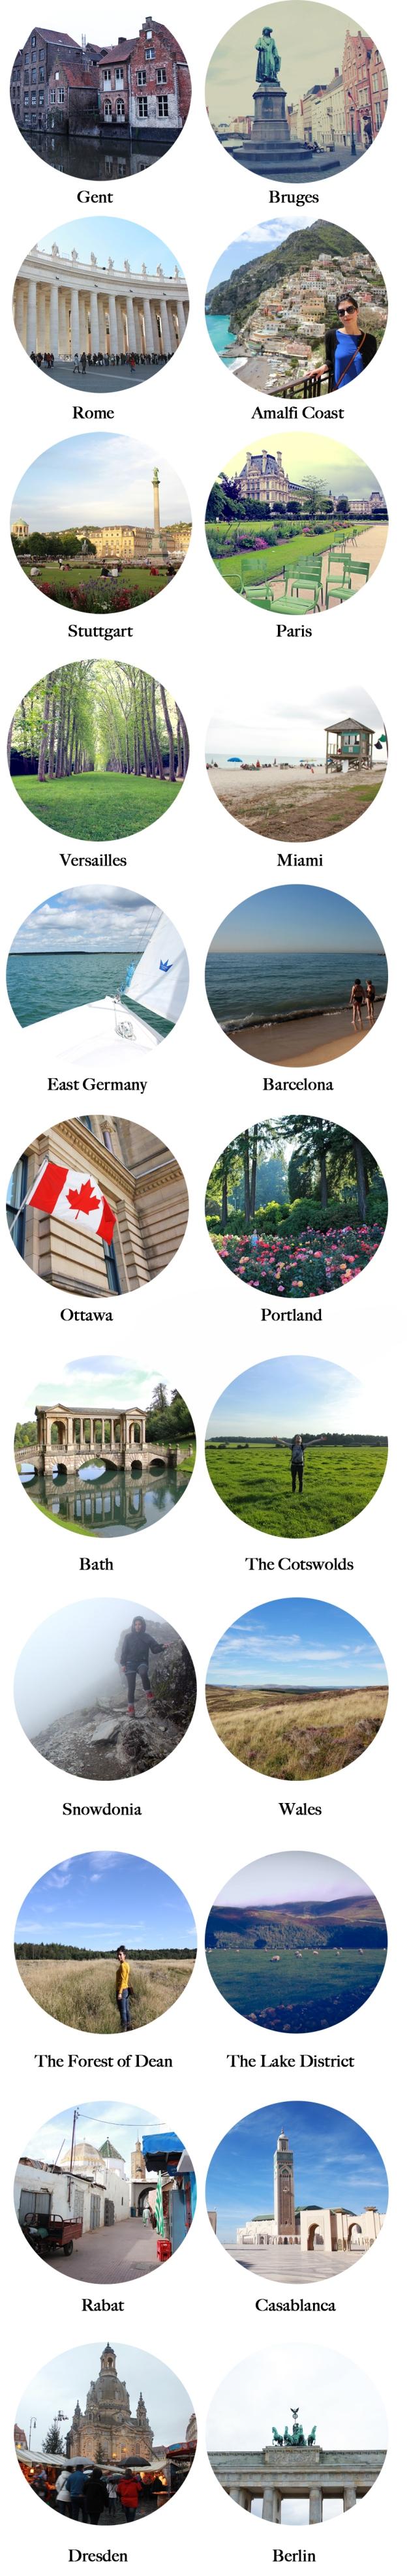 2012_travels